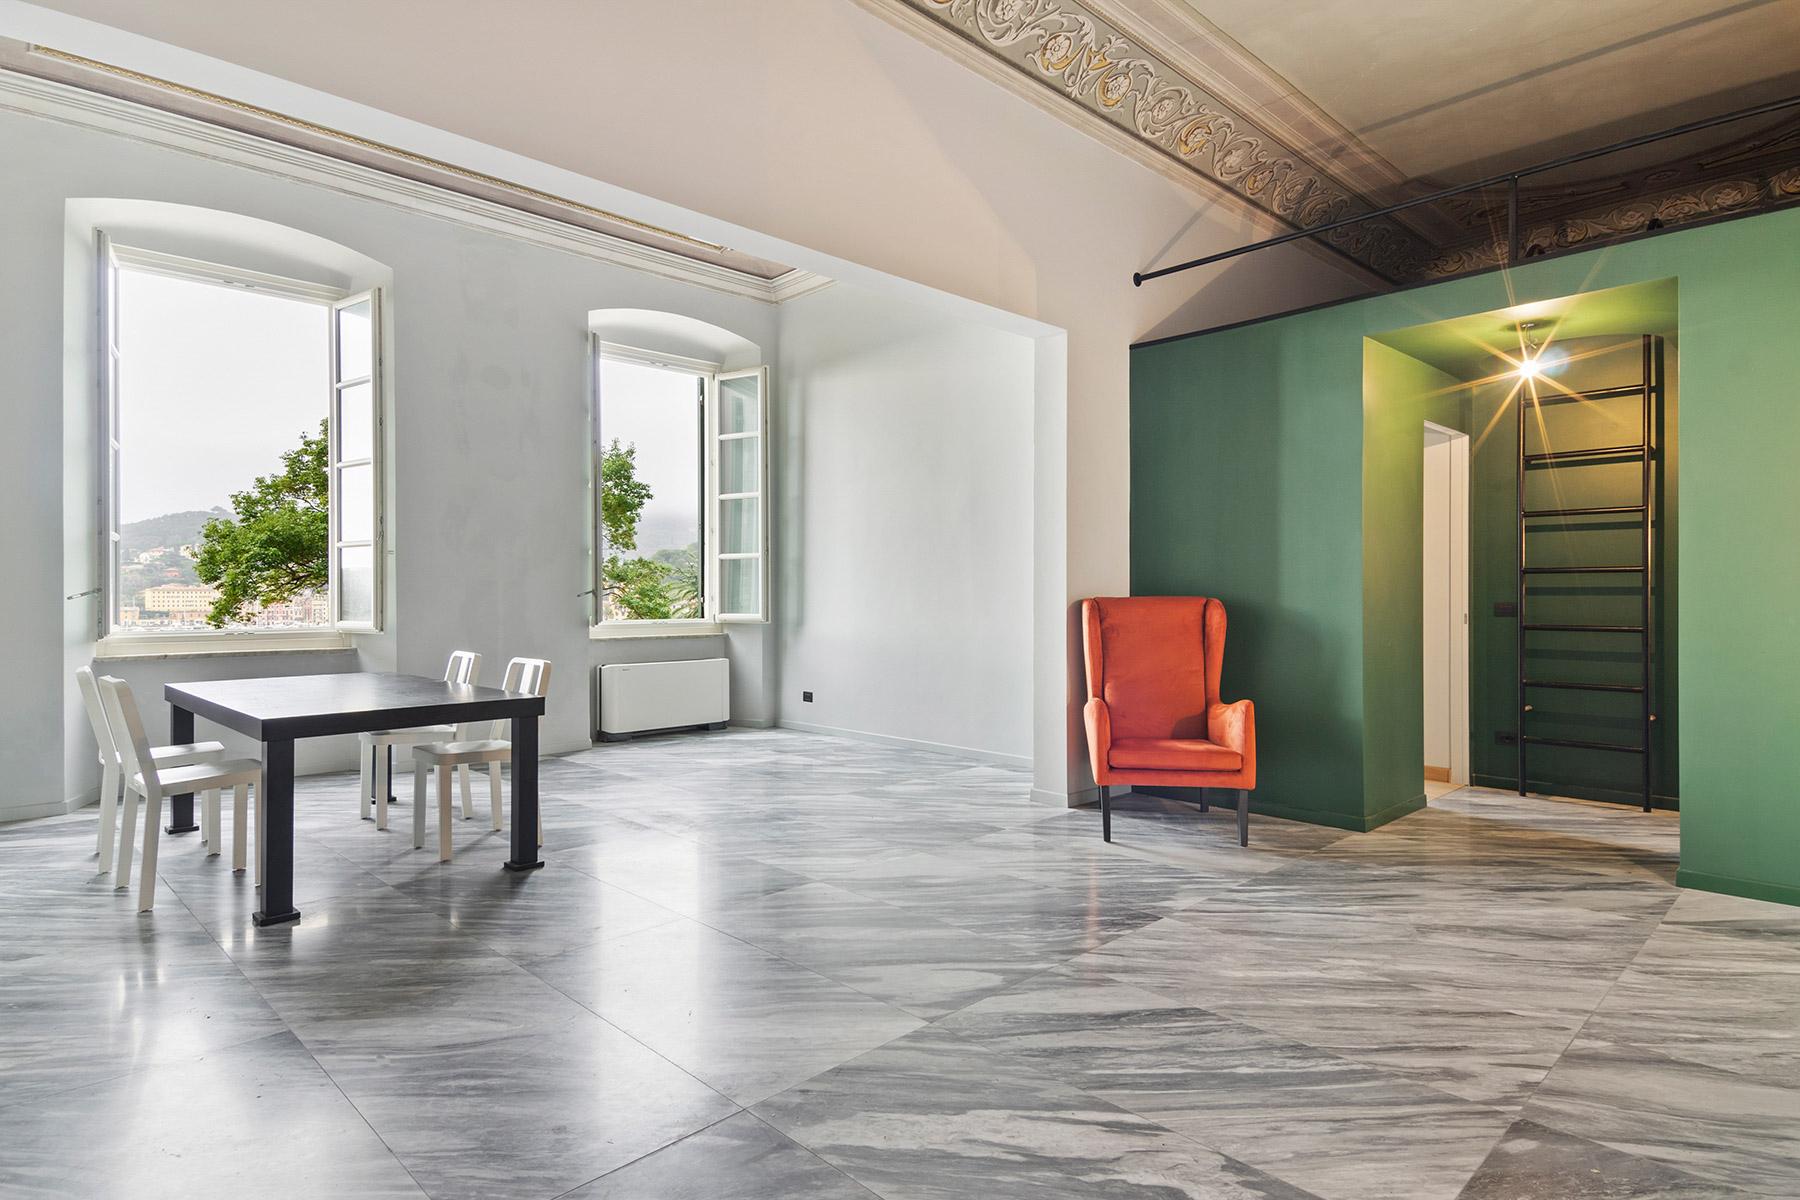 Appartamento in Vendita a Santa Margherita Ligure: 5 locali, 150 mq - Foto 2